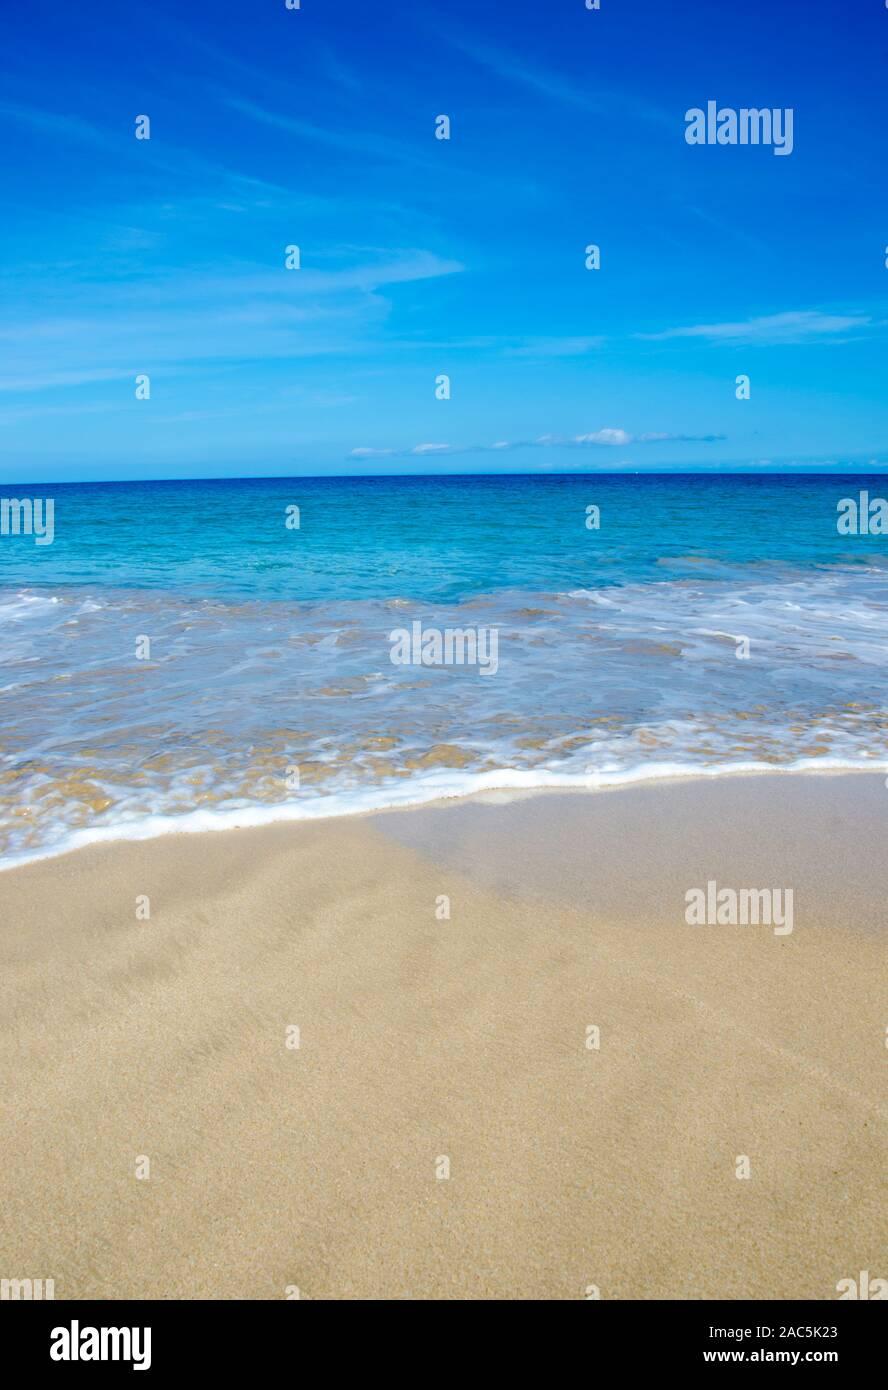 Hapuna Beach, le long de la Grande Île d'Hawai'i'S Kohala Coast. Cette plage de sable blanc a été considérée comme l'une des plus belles plages du monde de temps et temps Banque D'Images